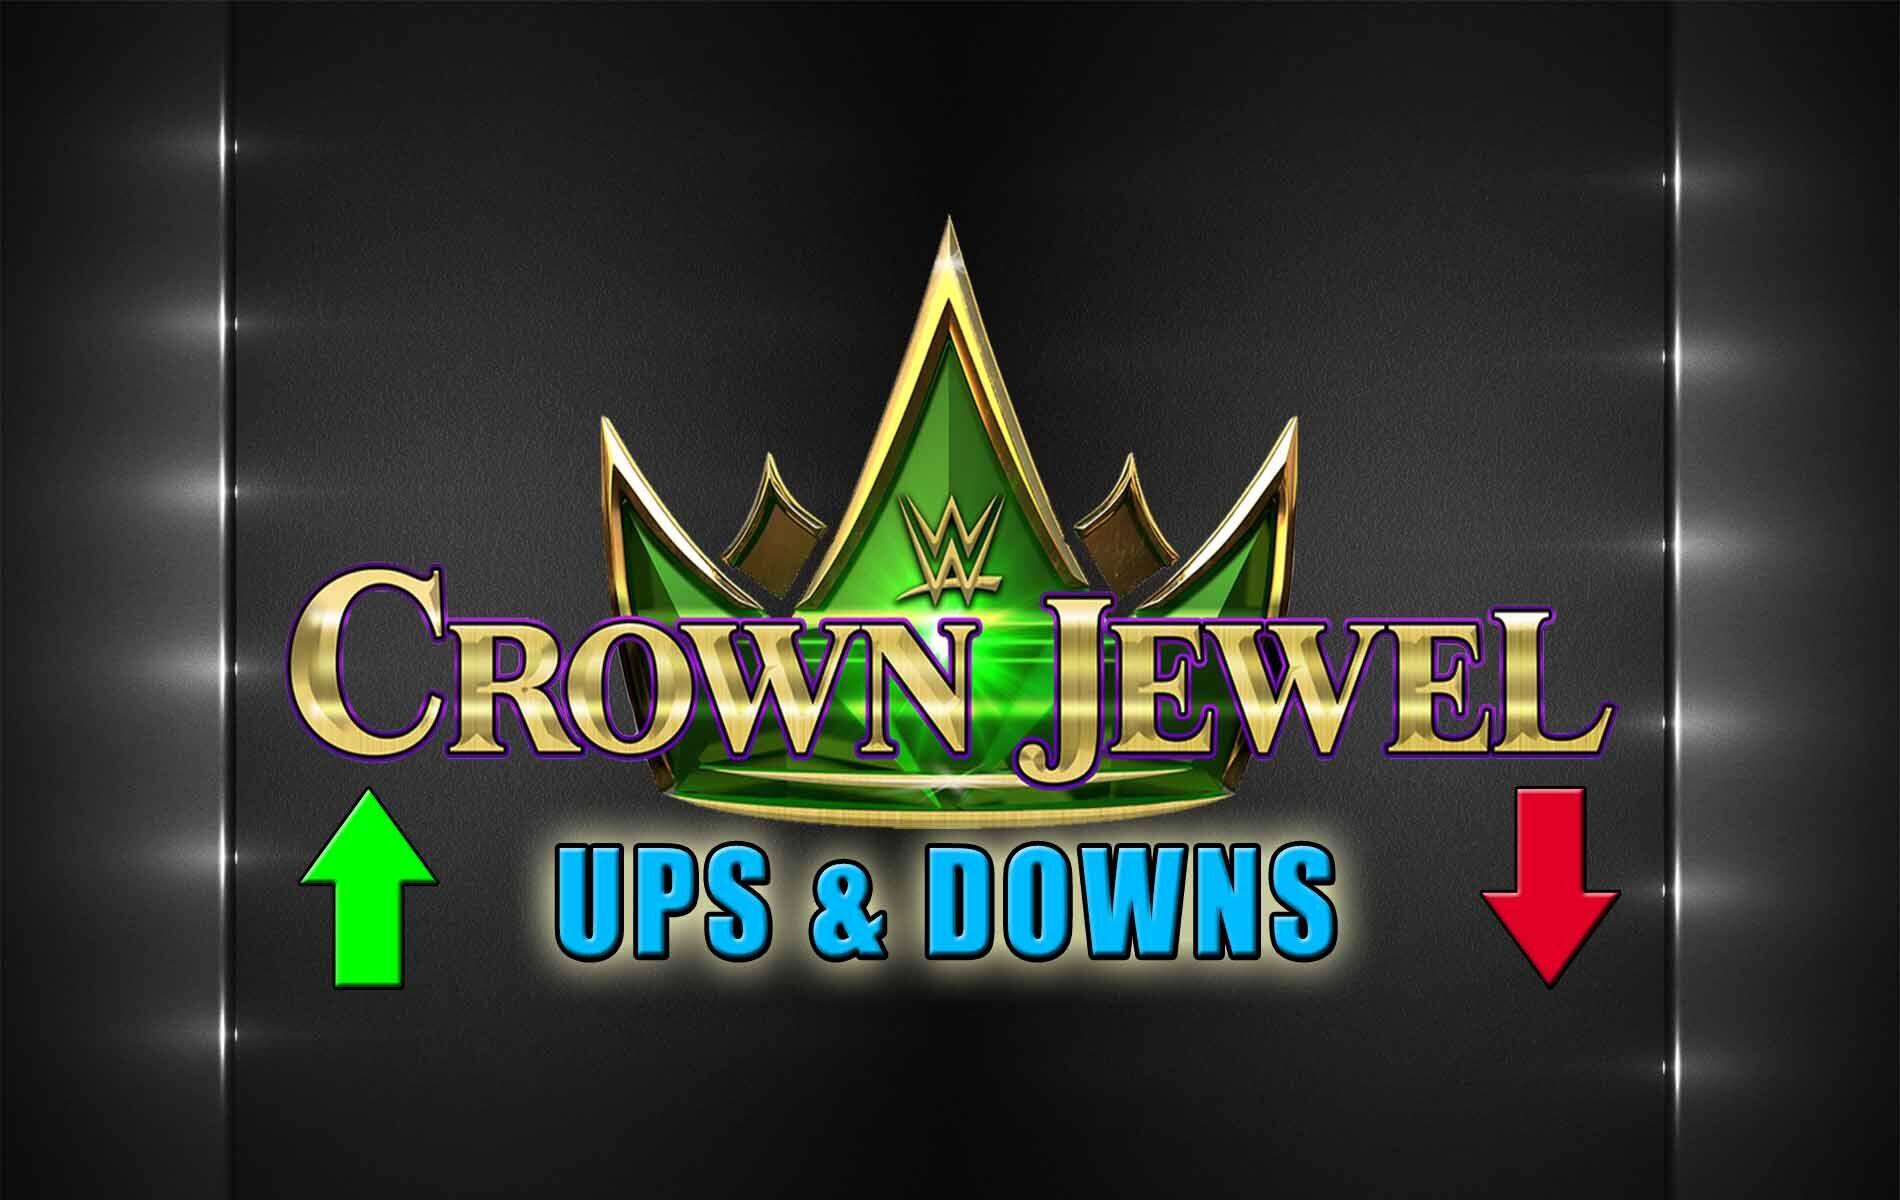 Crown Jewel Ups&Downs | 31-10-2019 | Meglio del previsto?